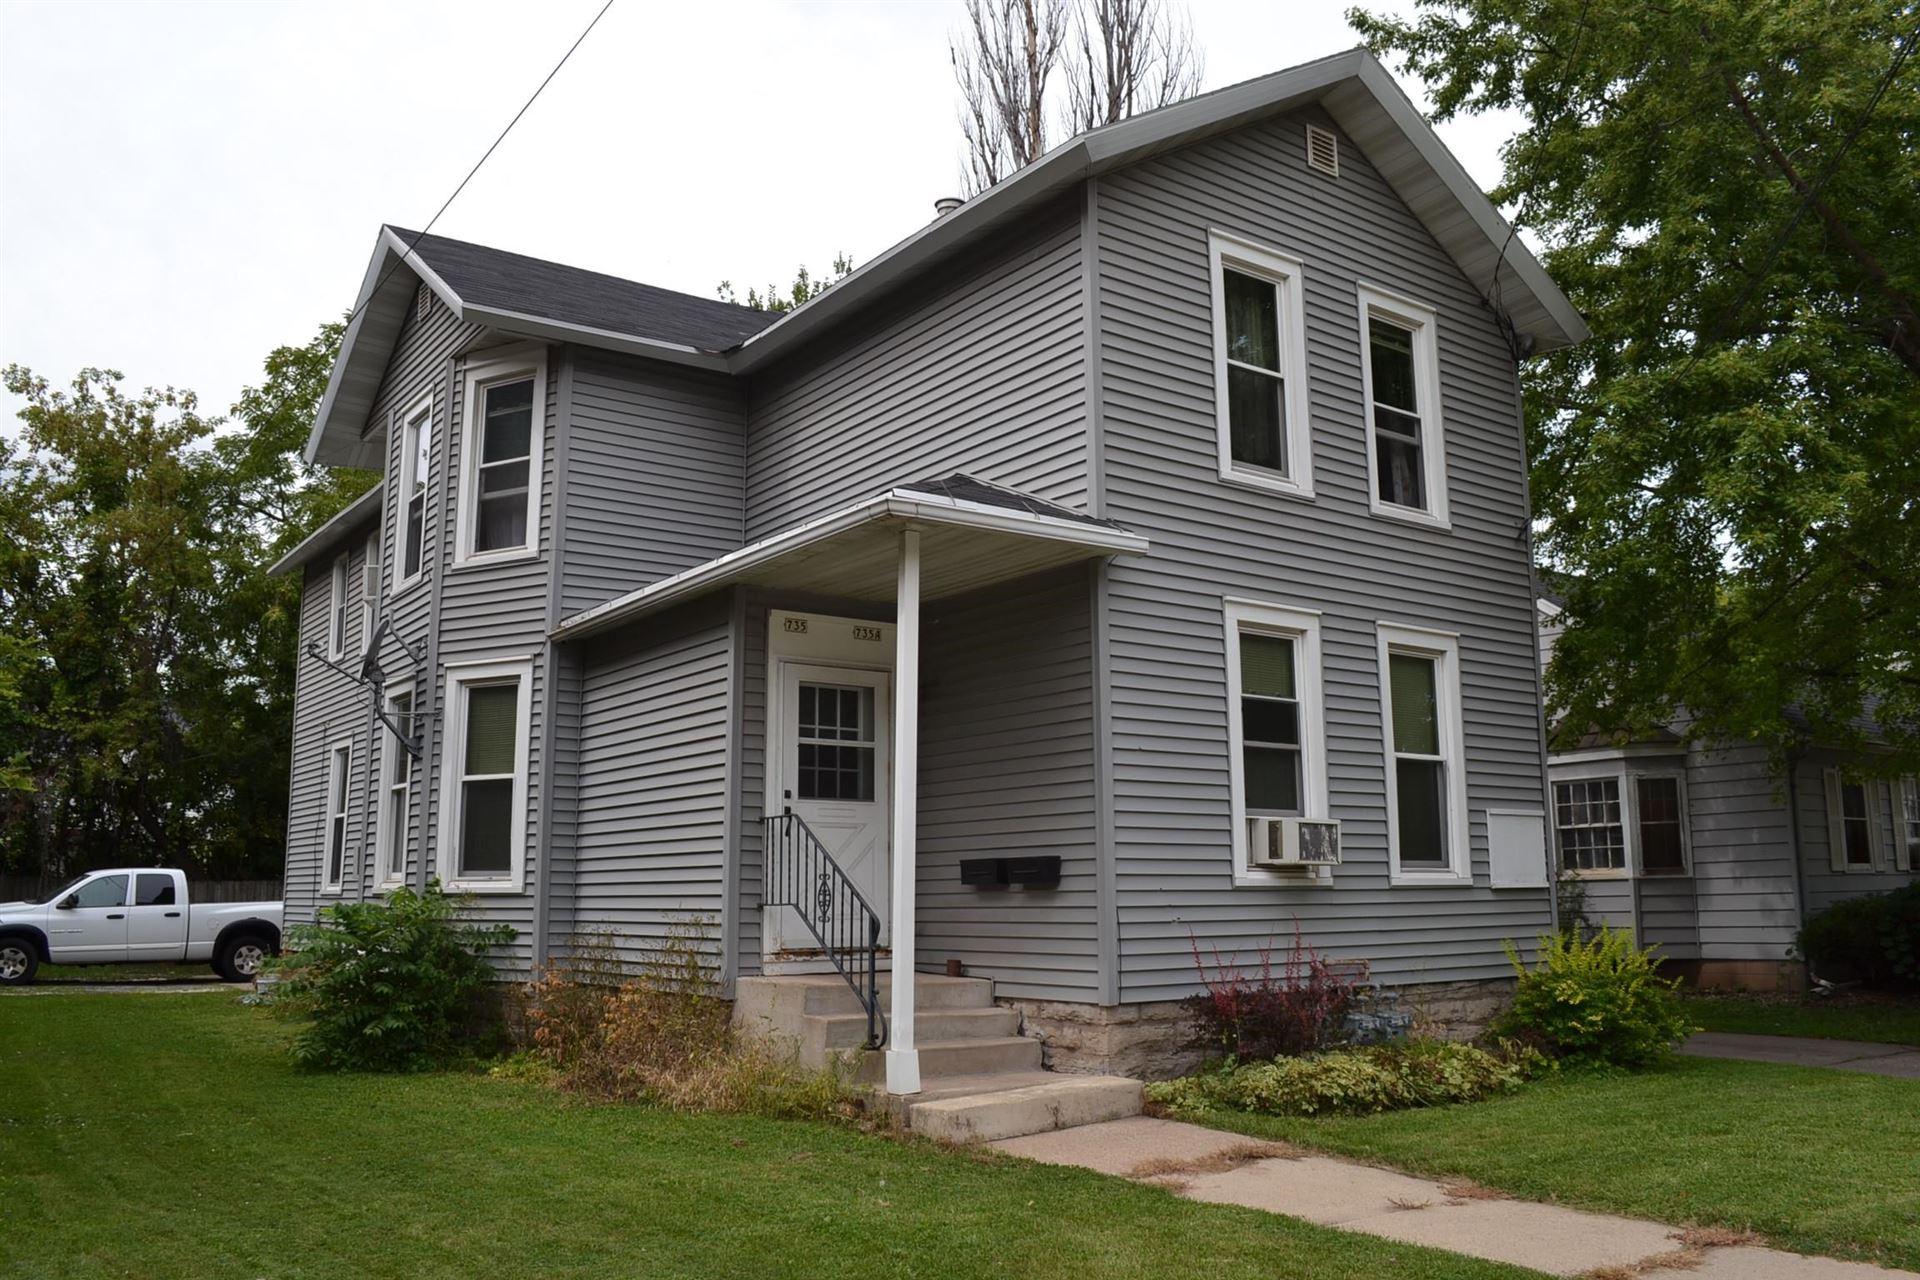 735 JACKSON Street, Oshkosh, WI 54901 - MLS#: 50247086